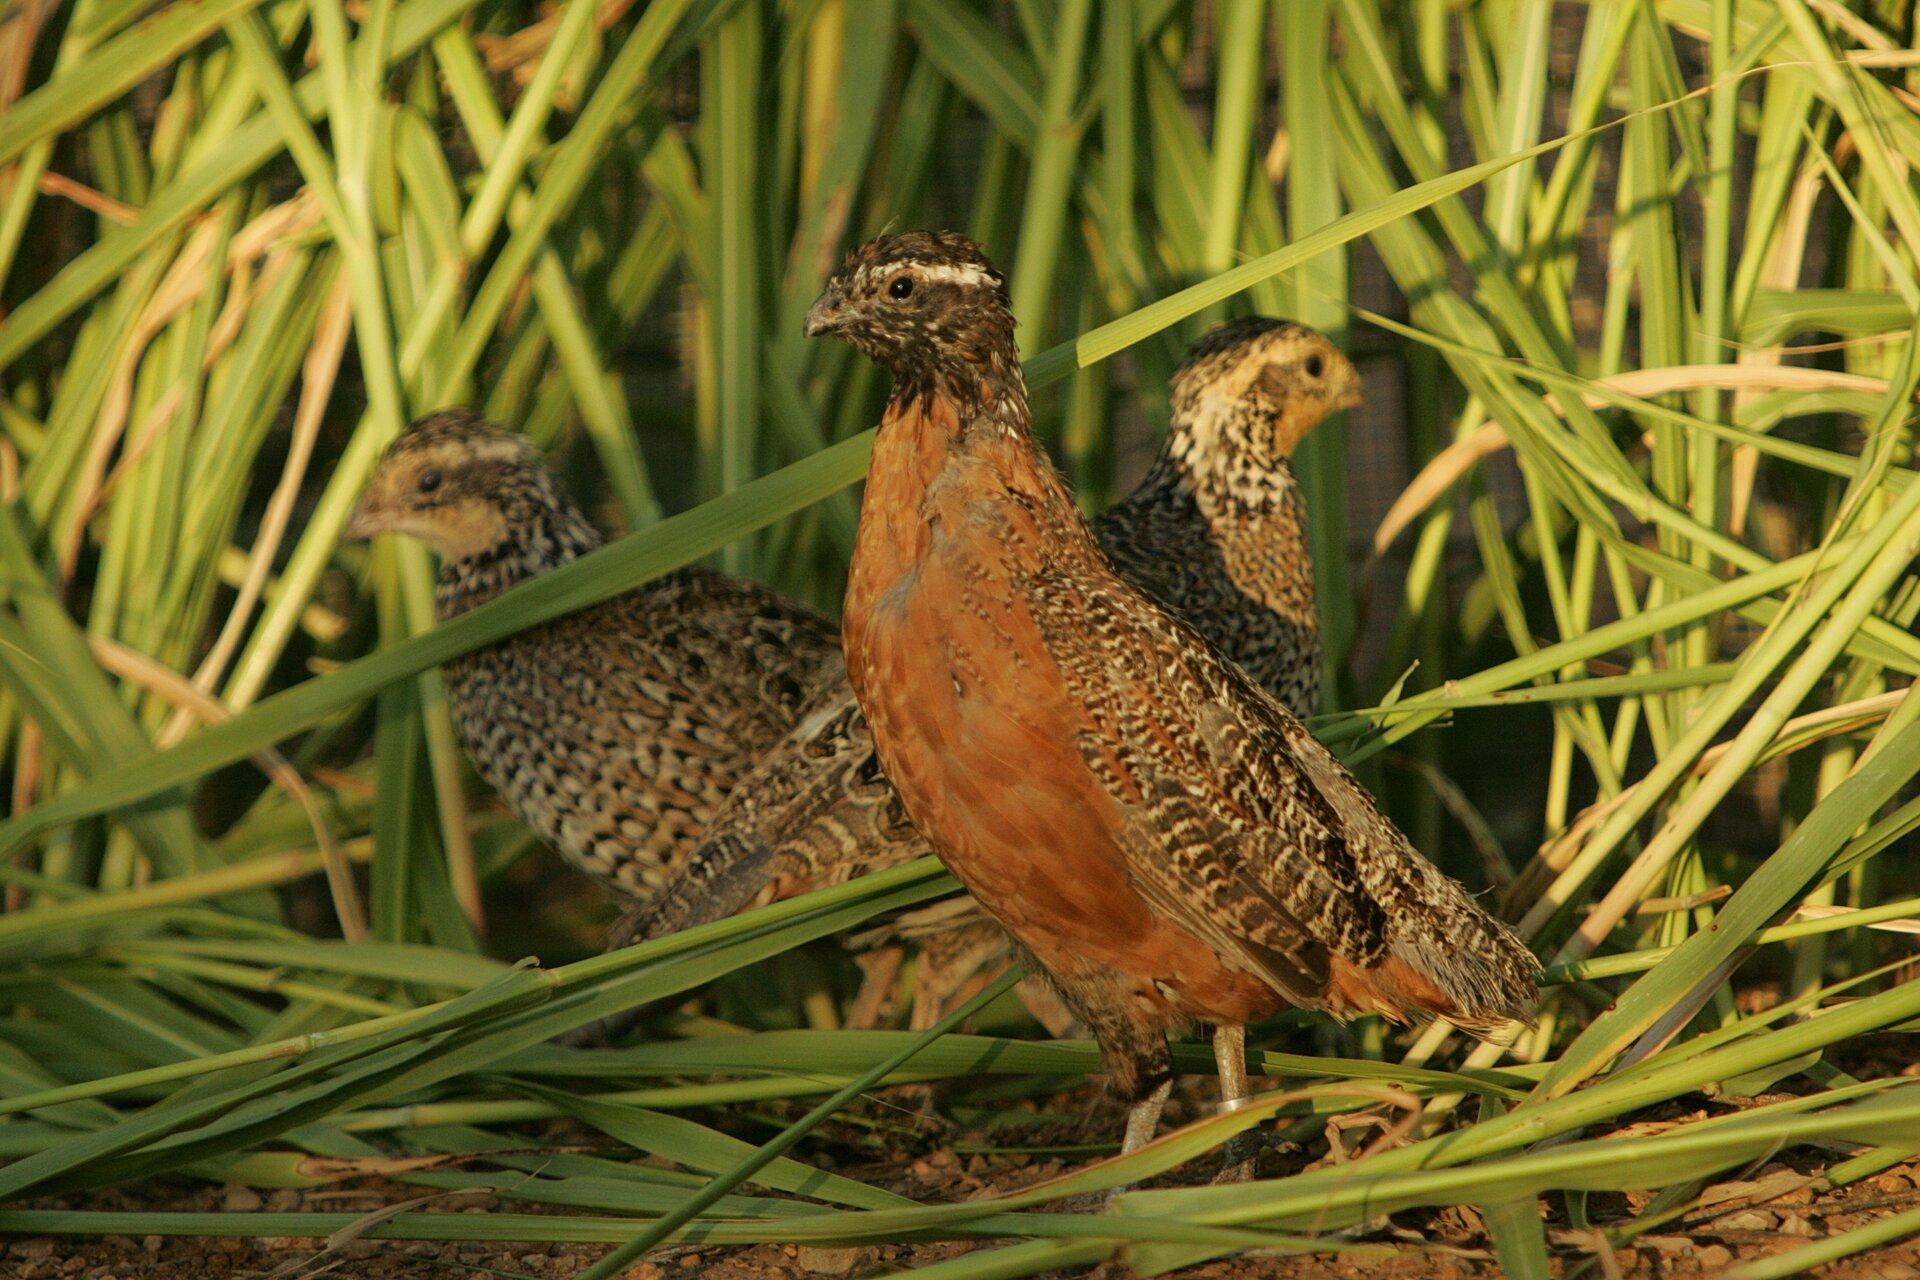 Fotografia druga prezentuje trzy przepiórki na tle wysokiej trawy.